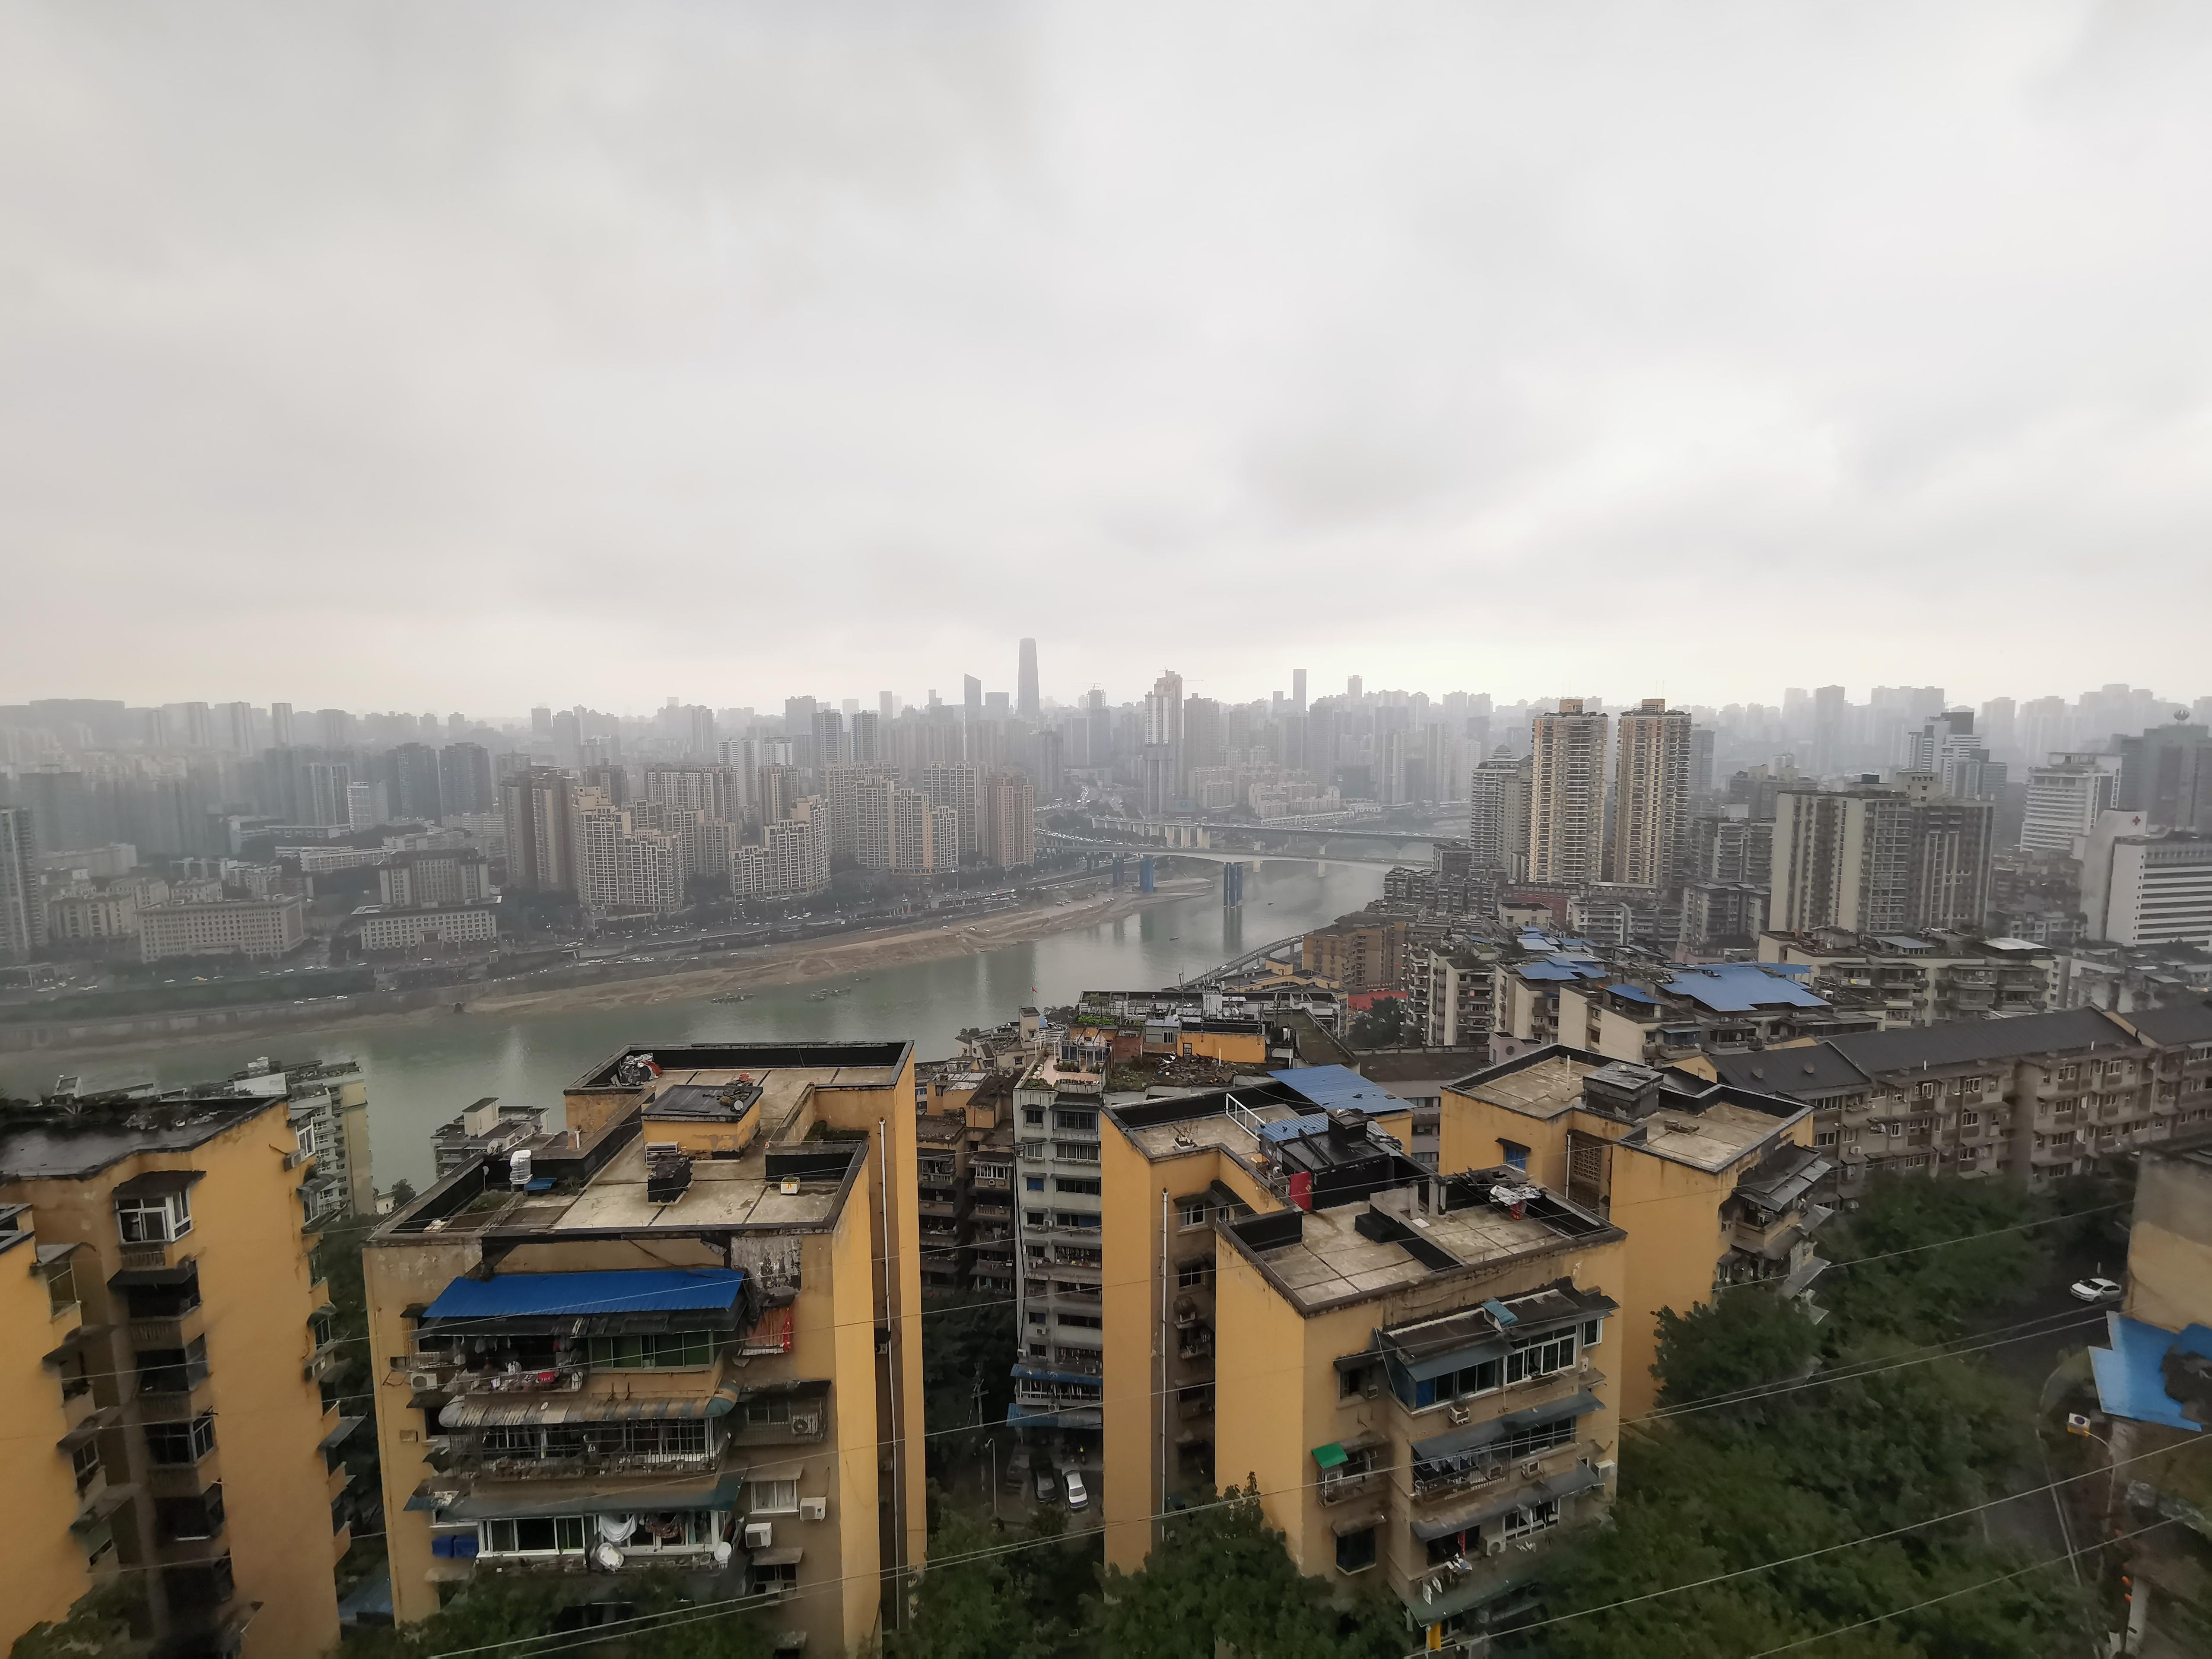 中国最大的城市,GDP名列前茅,却被人误以为是省